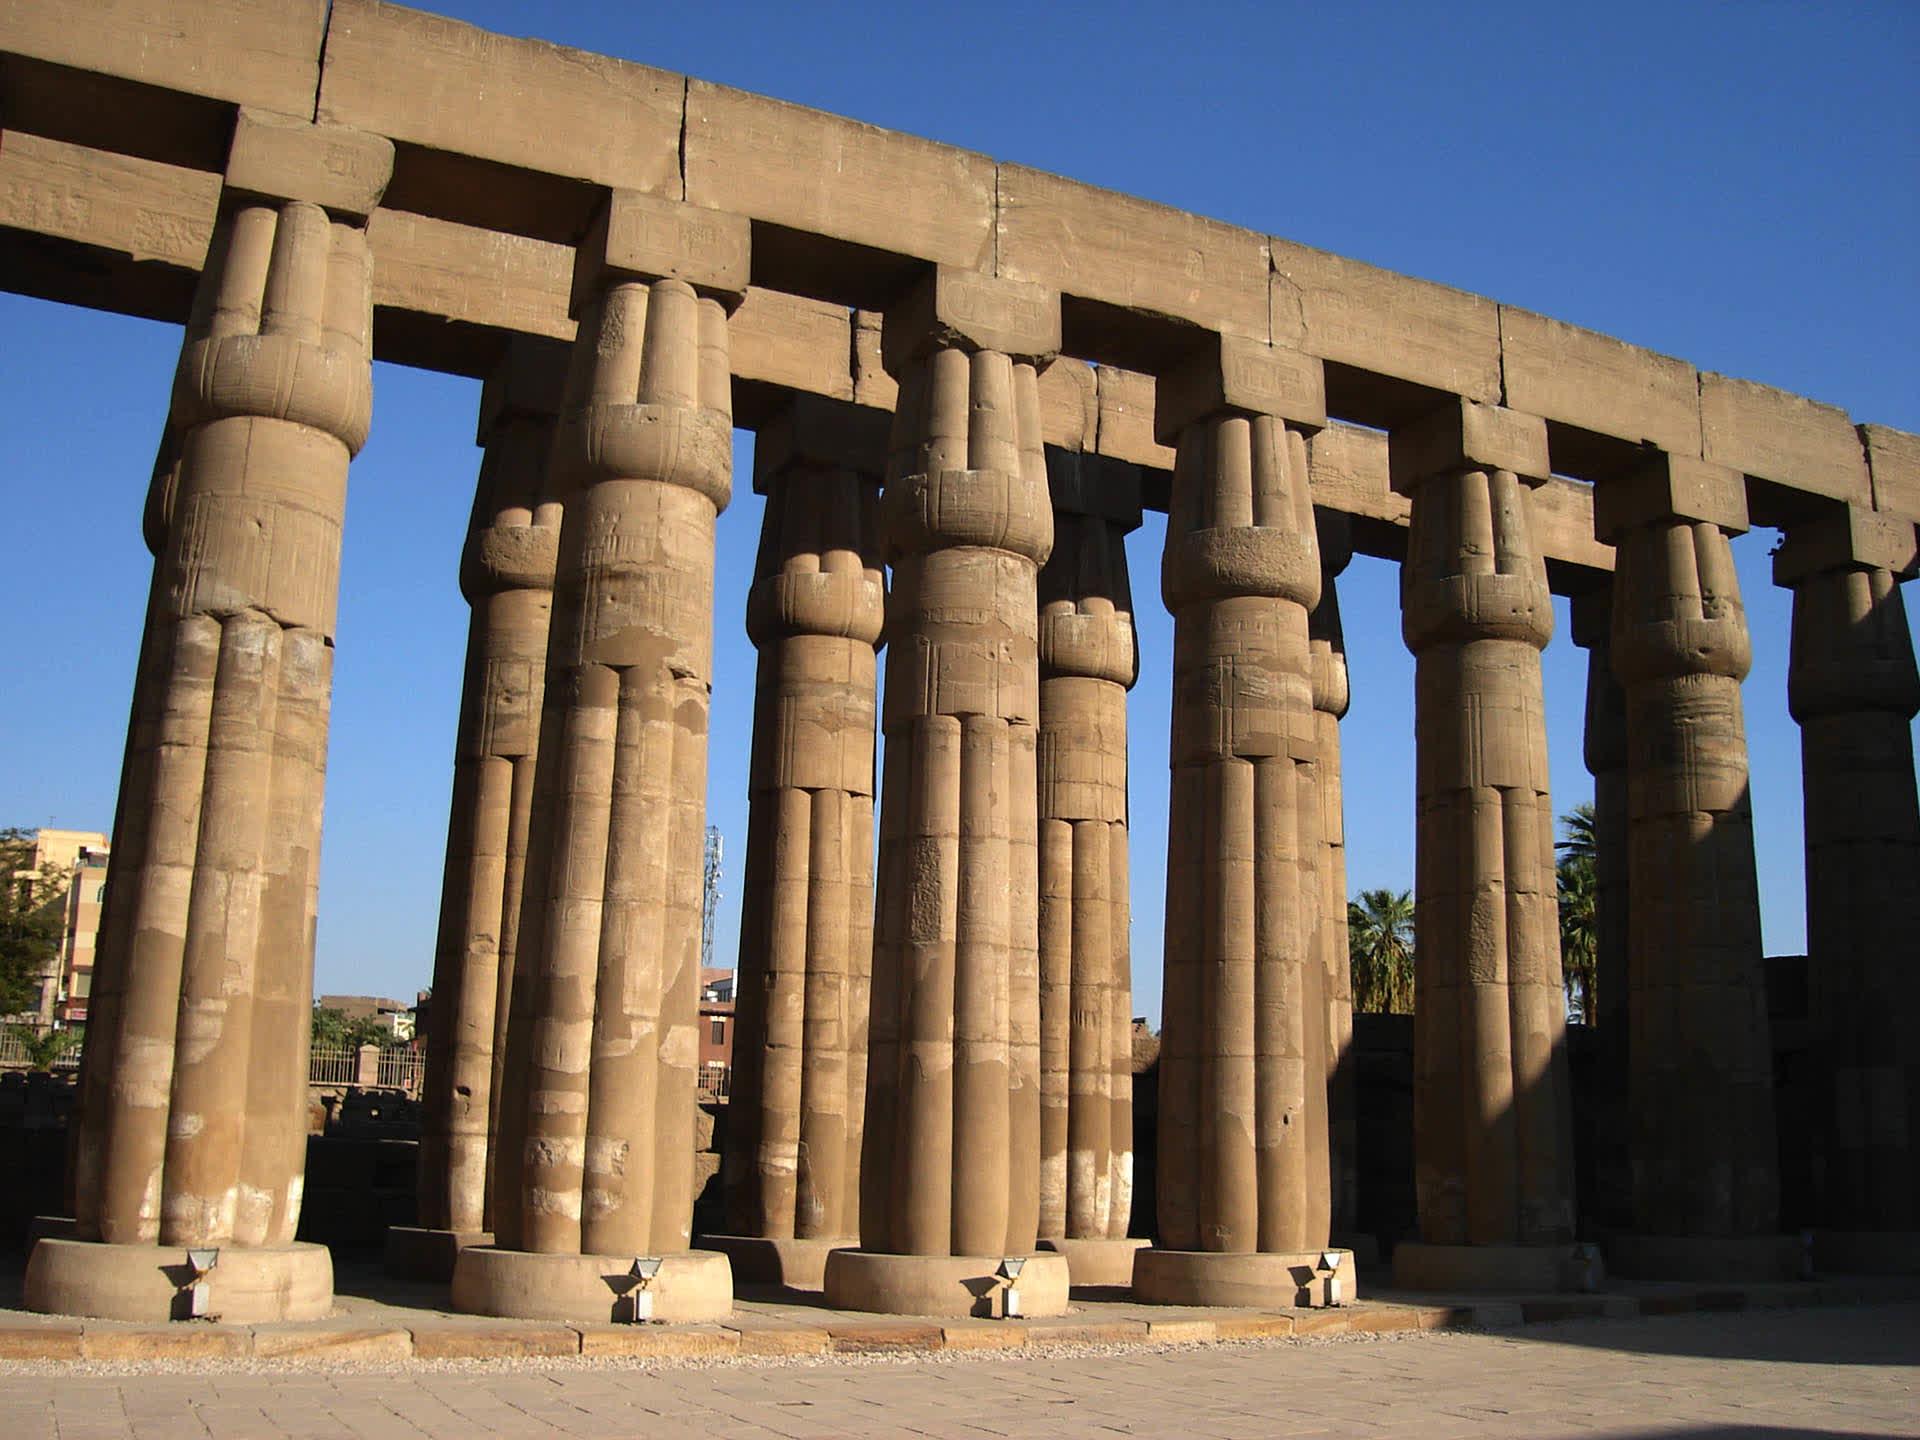 Luxor East bank